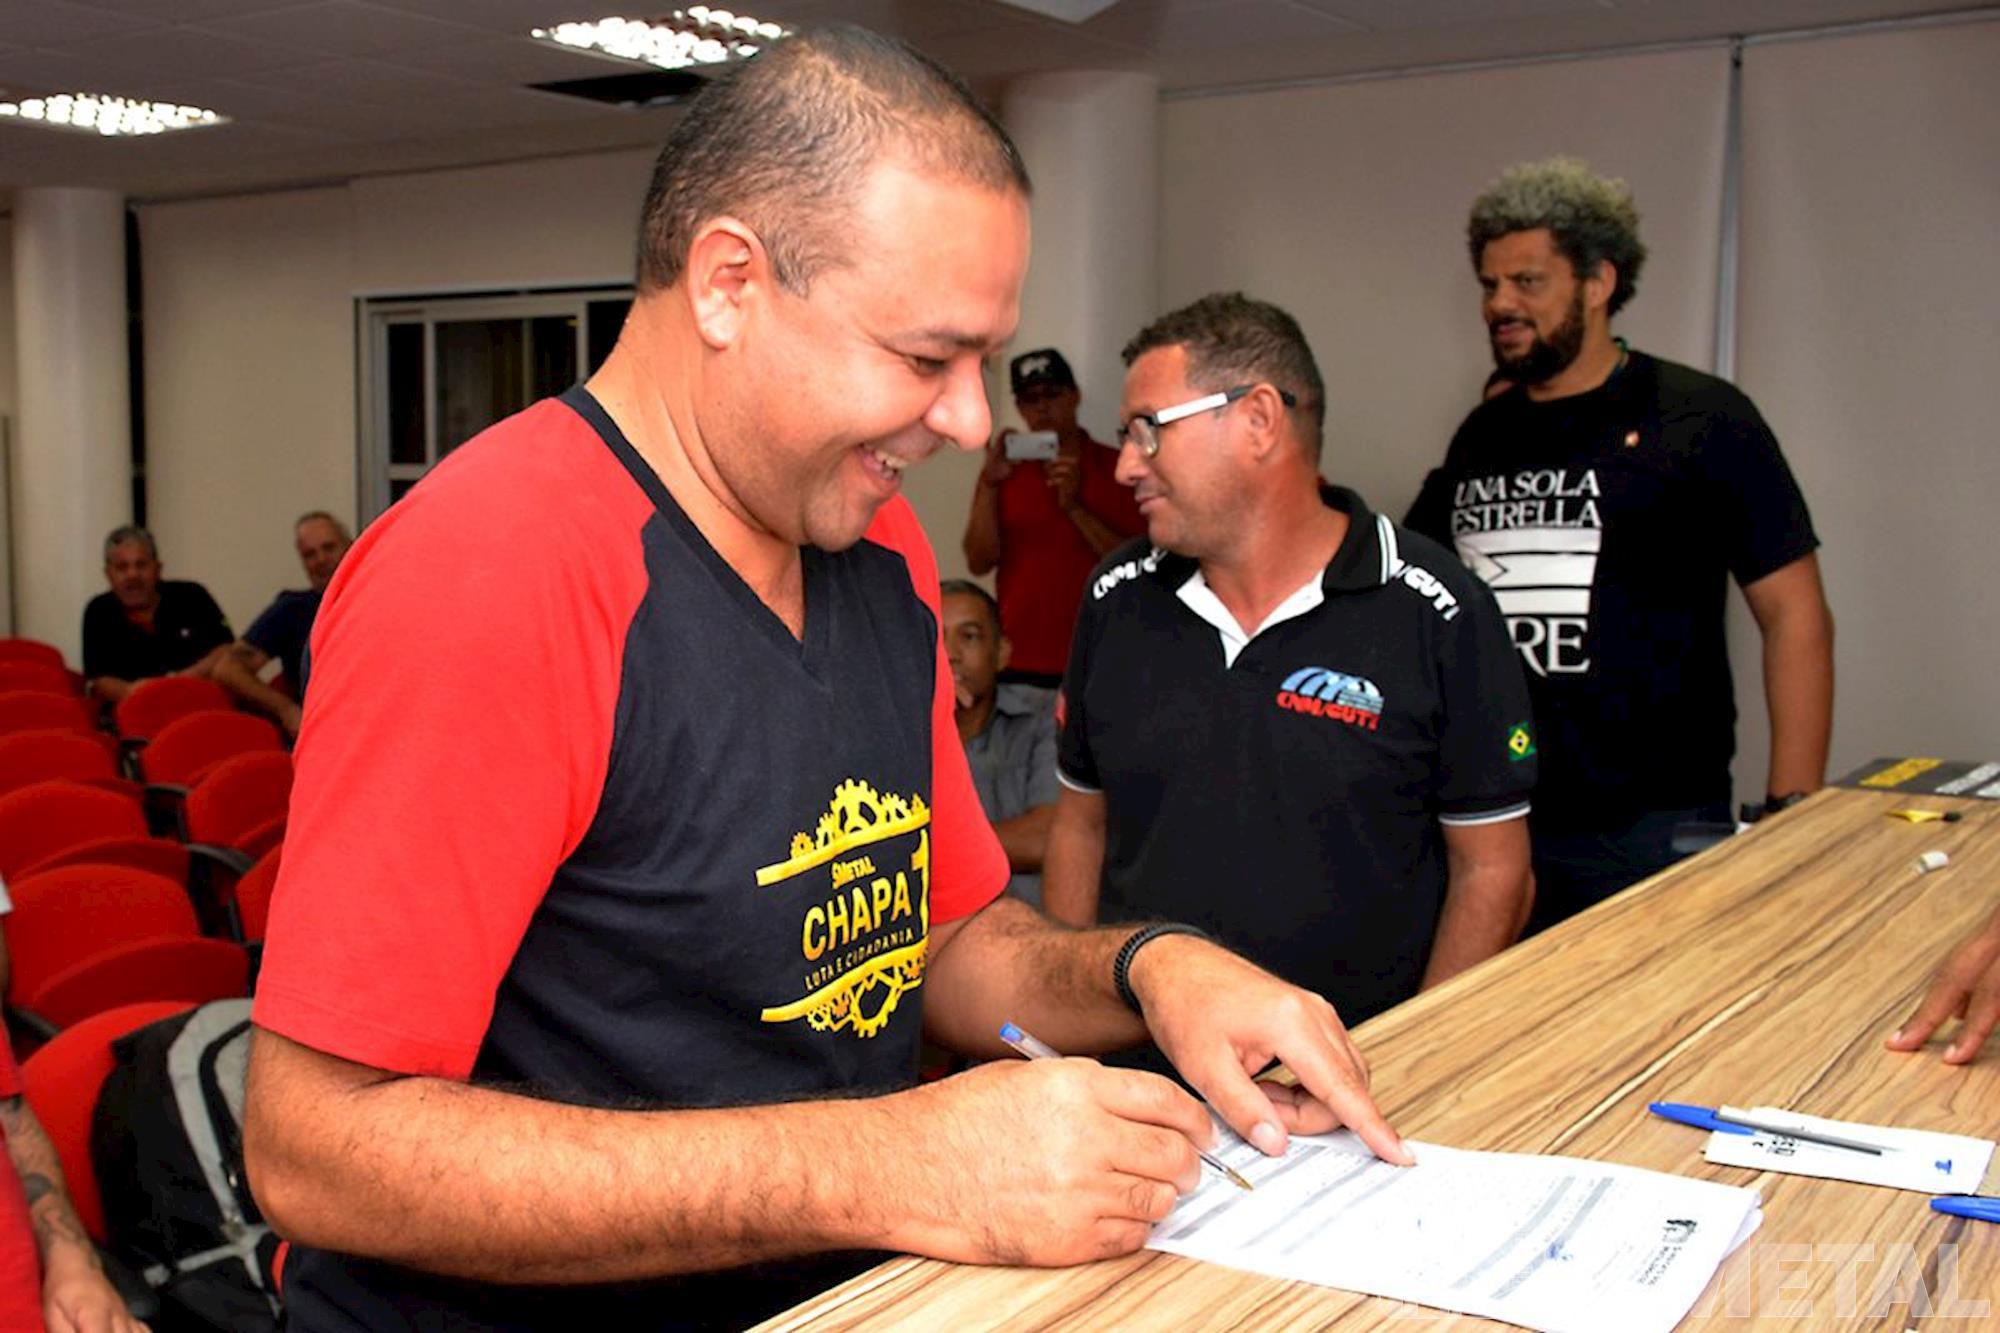 Posse da diretoria do SMetal,  em Brasília, posse,  smetal,  diretoria,  brasília,  direção,  leandro,  sindicato, Foguinho/Imprensa SMetal, Posse da diretoria do SMetal - triênio 2017 a 2020